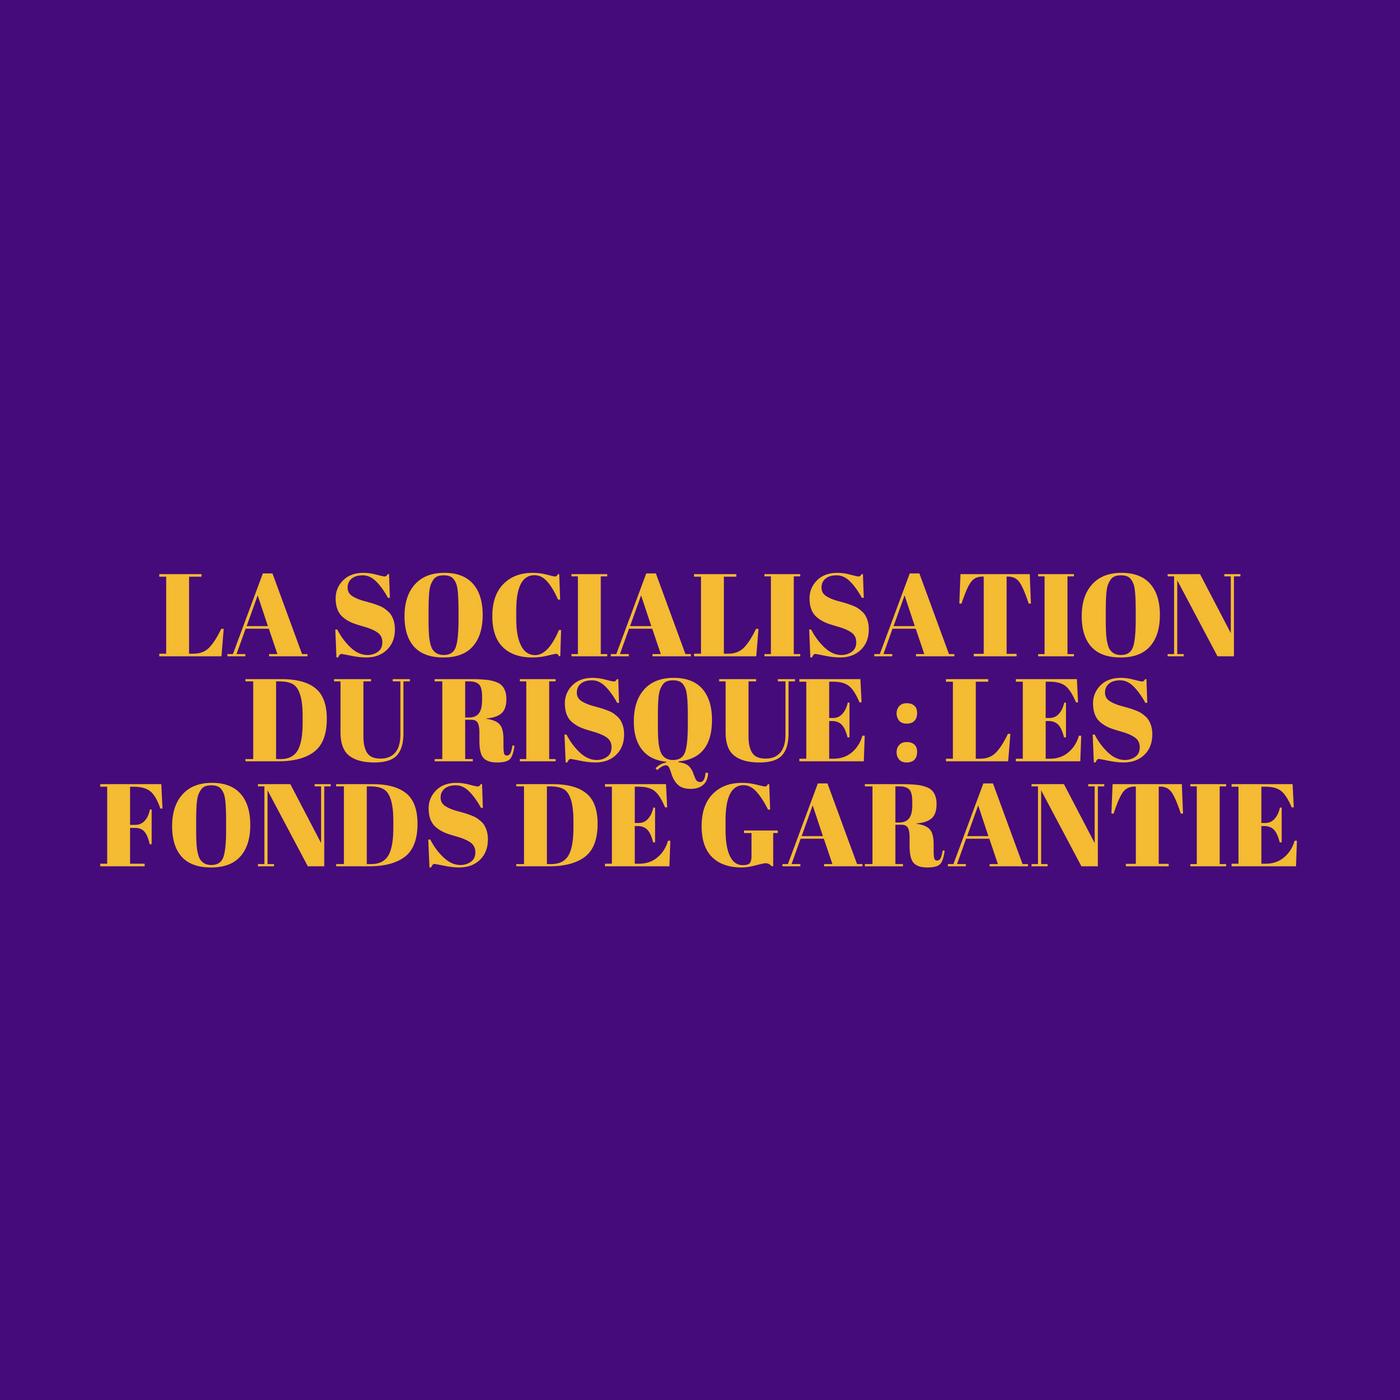 La socialisation du risque : les fonds de garantie